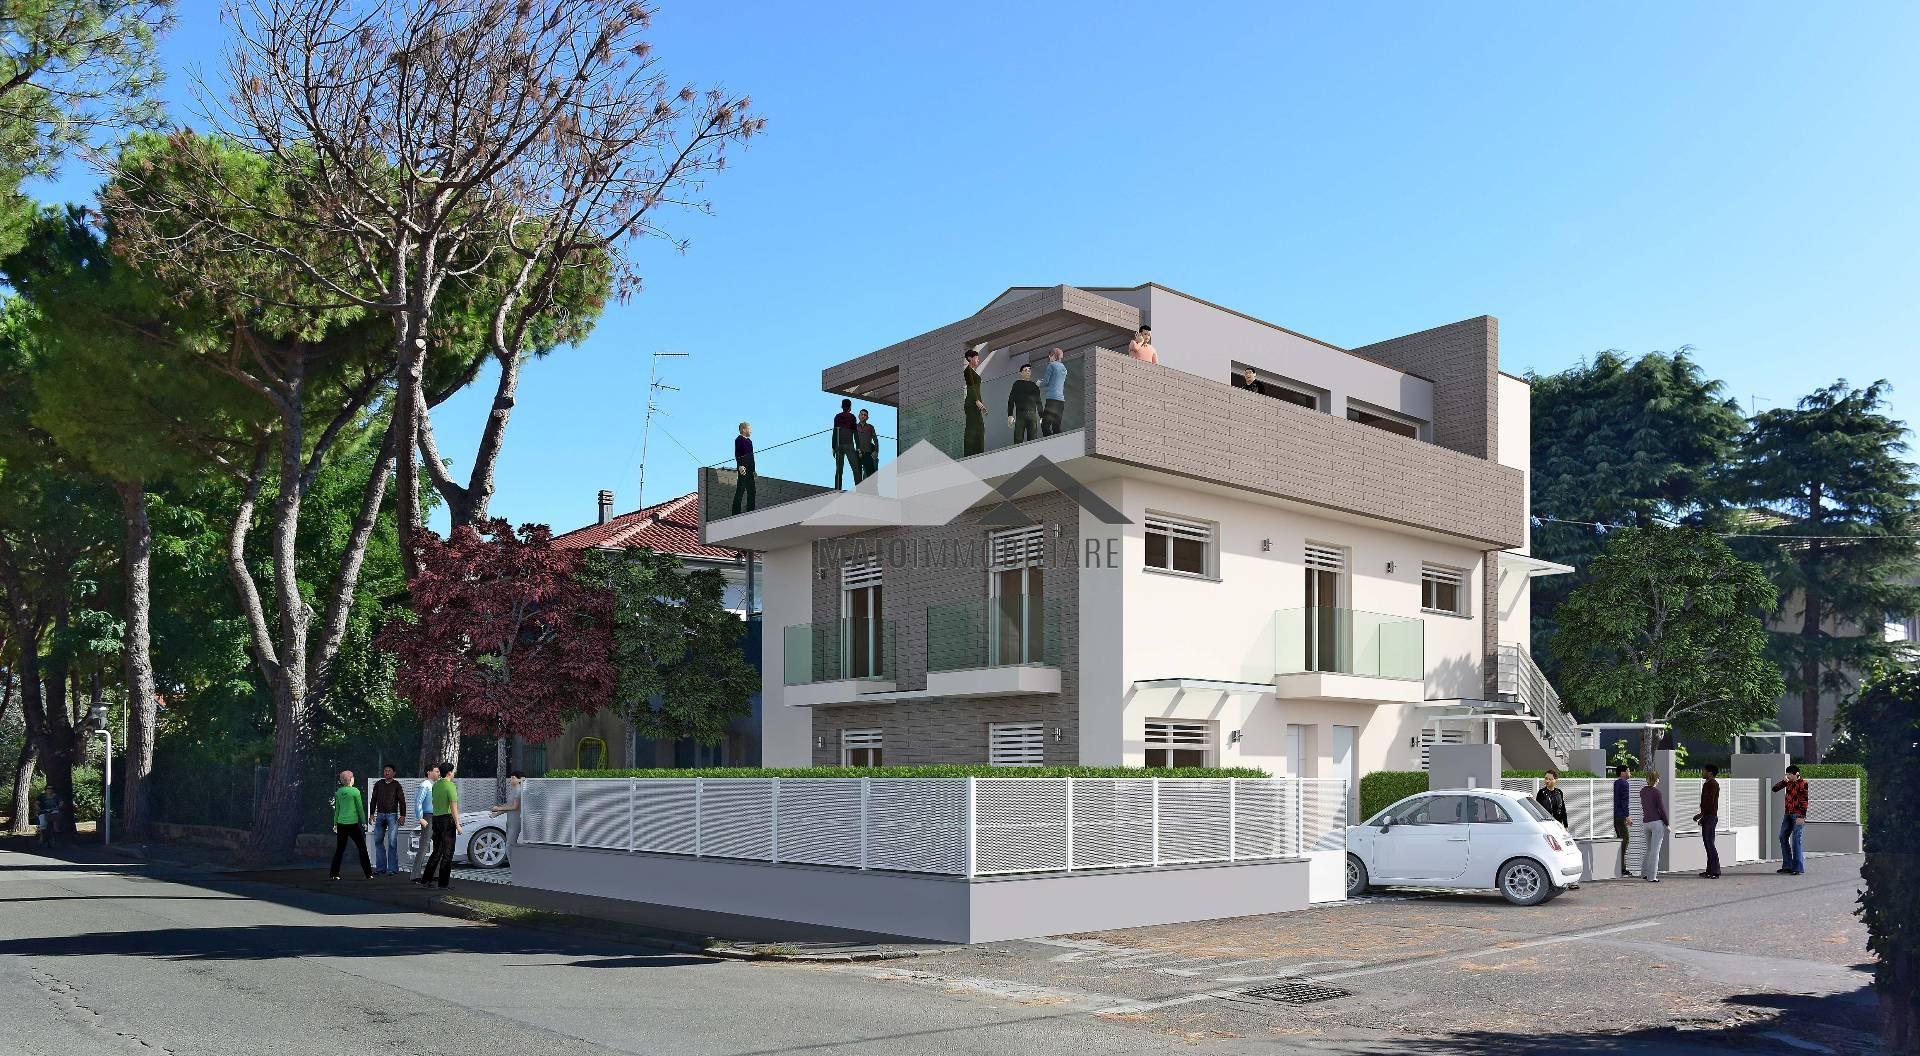 Appartamento in vendita a Riccione, 2 locali, zona Località: TERME, prezzo € 260.000 | Cambio Casa.it